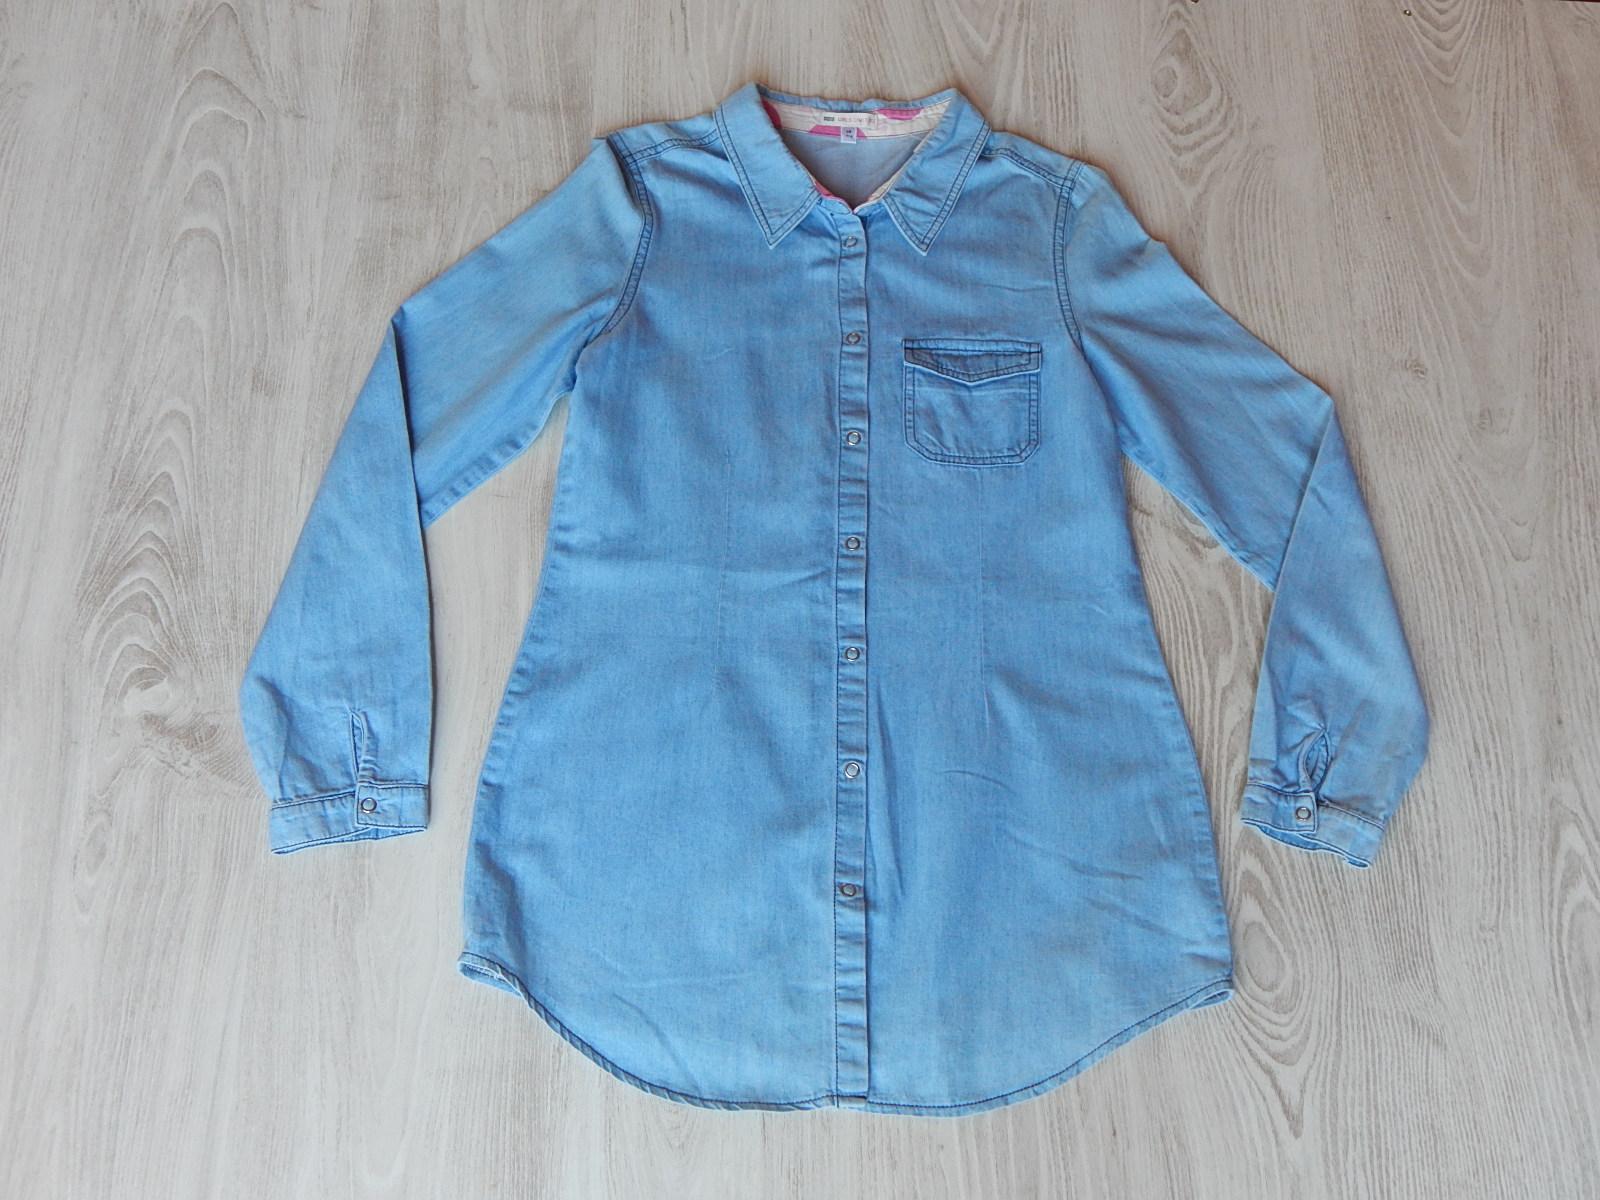 Puha farmer ing-ruha  158-164 (13-14 év)   Lány ruhák     Lótusz ... 1e8a3d3aa0